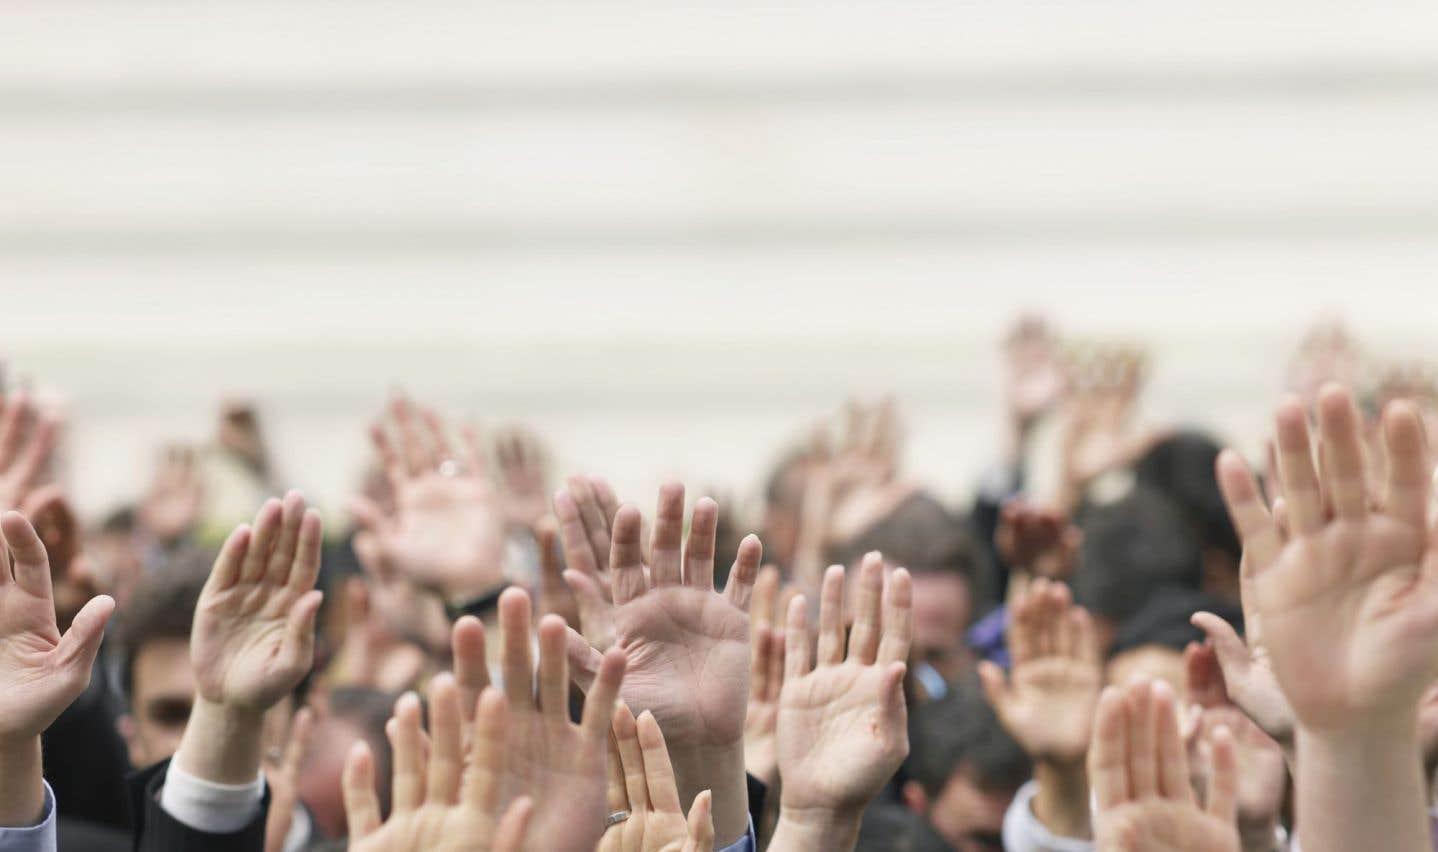 La tenue du scrutin obligatoire pourrait donner une marge de manœuvre aux employeurs pour convaincre les salariés de ne pas se syndiquer.